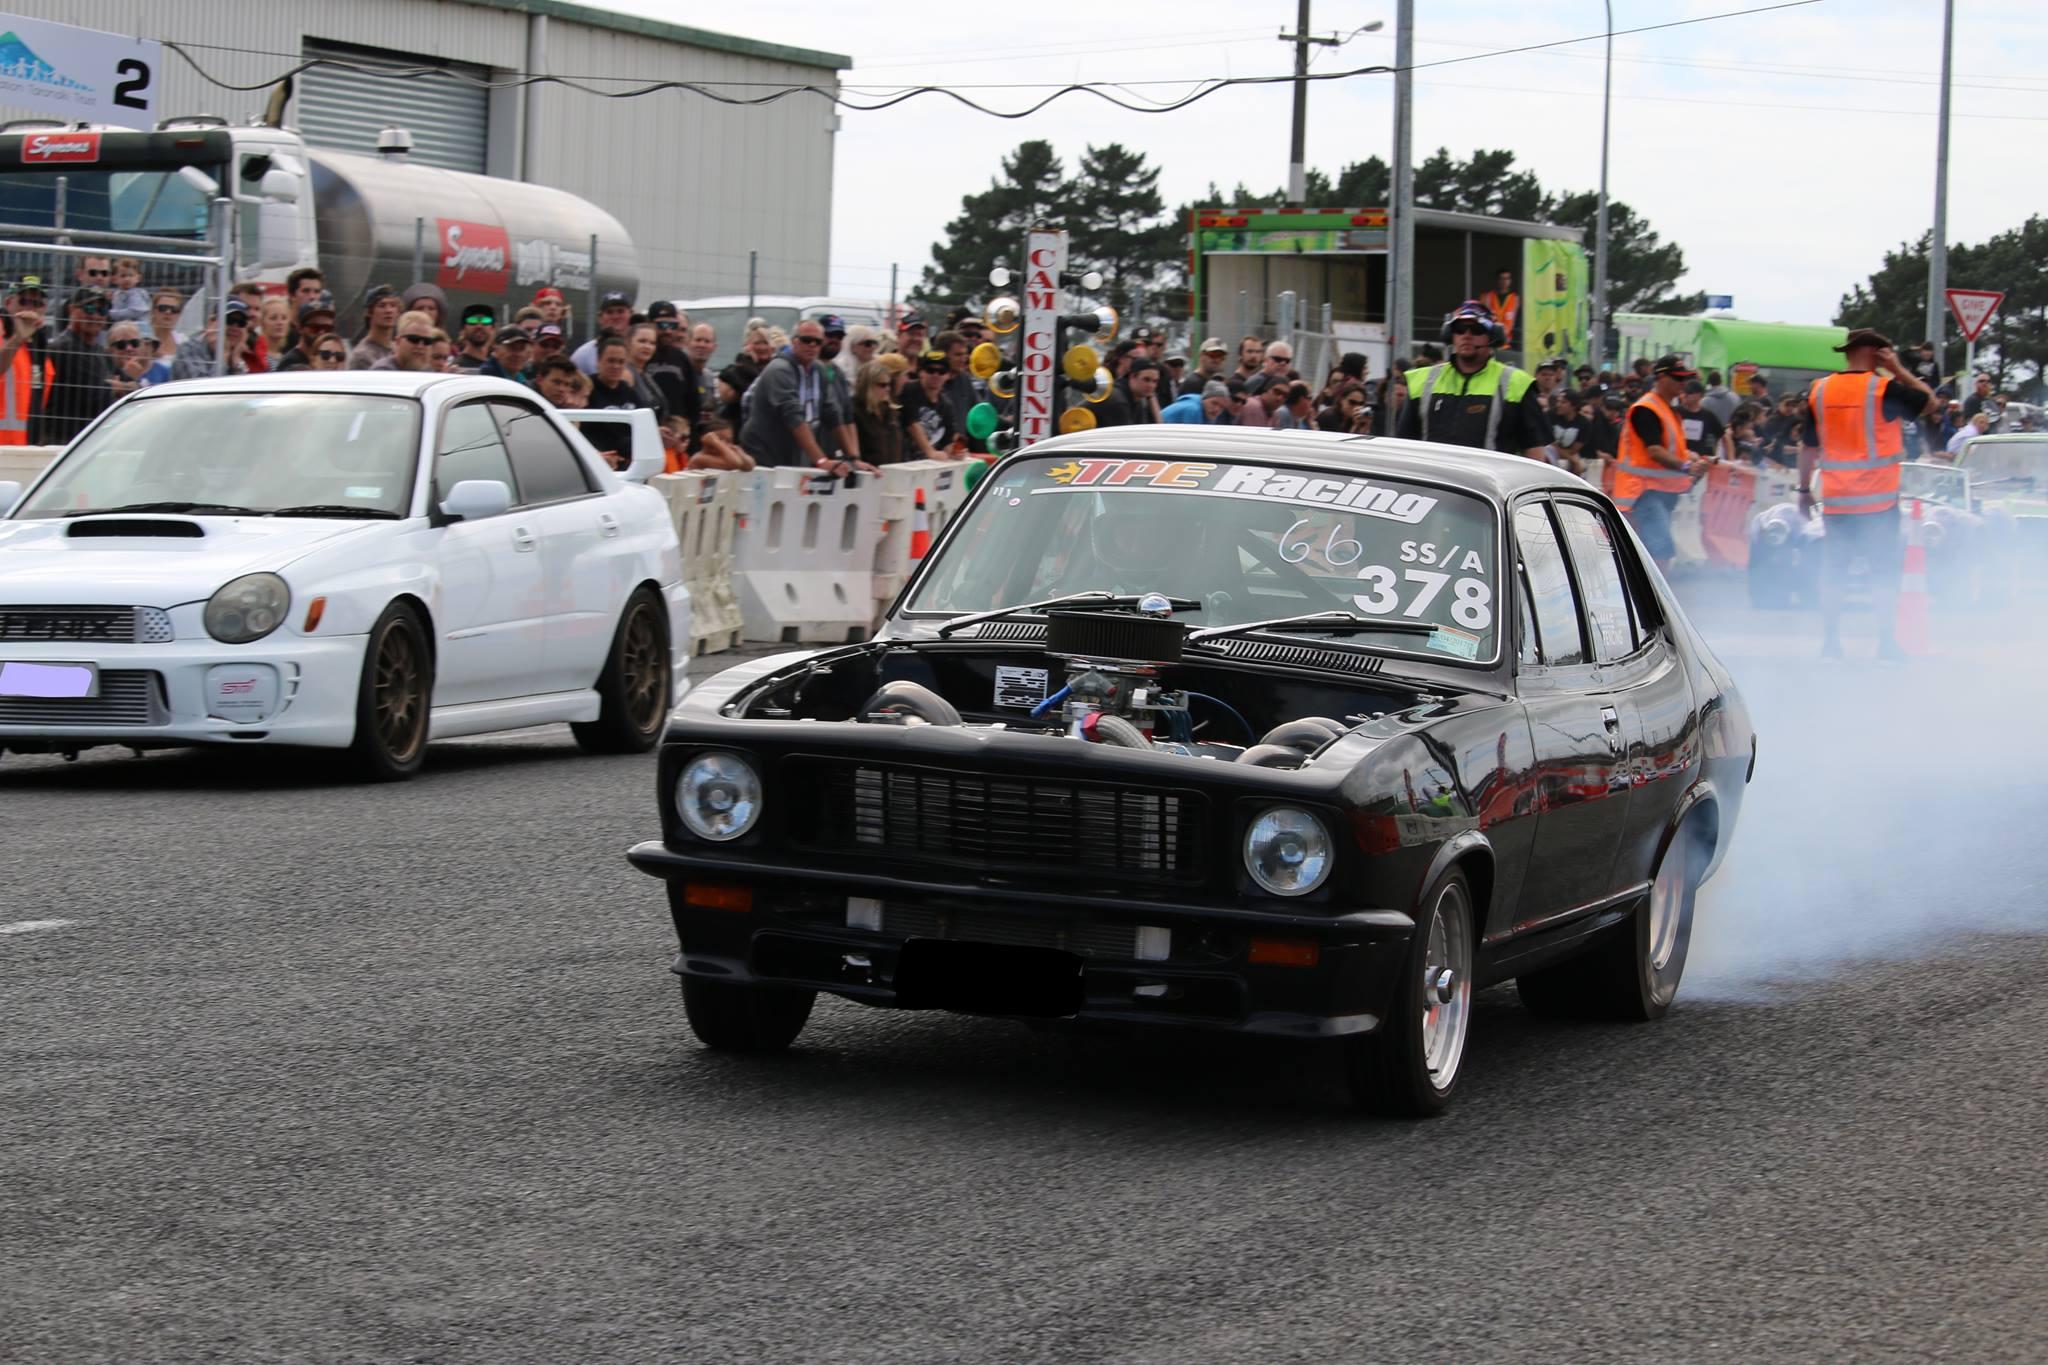 legal street racing eze